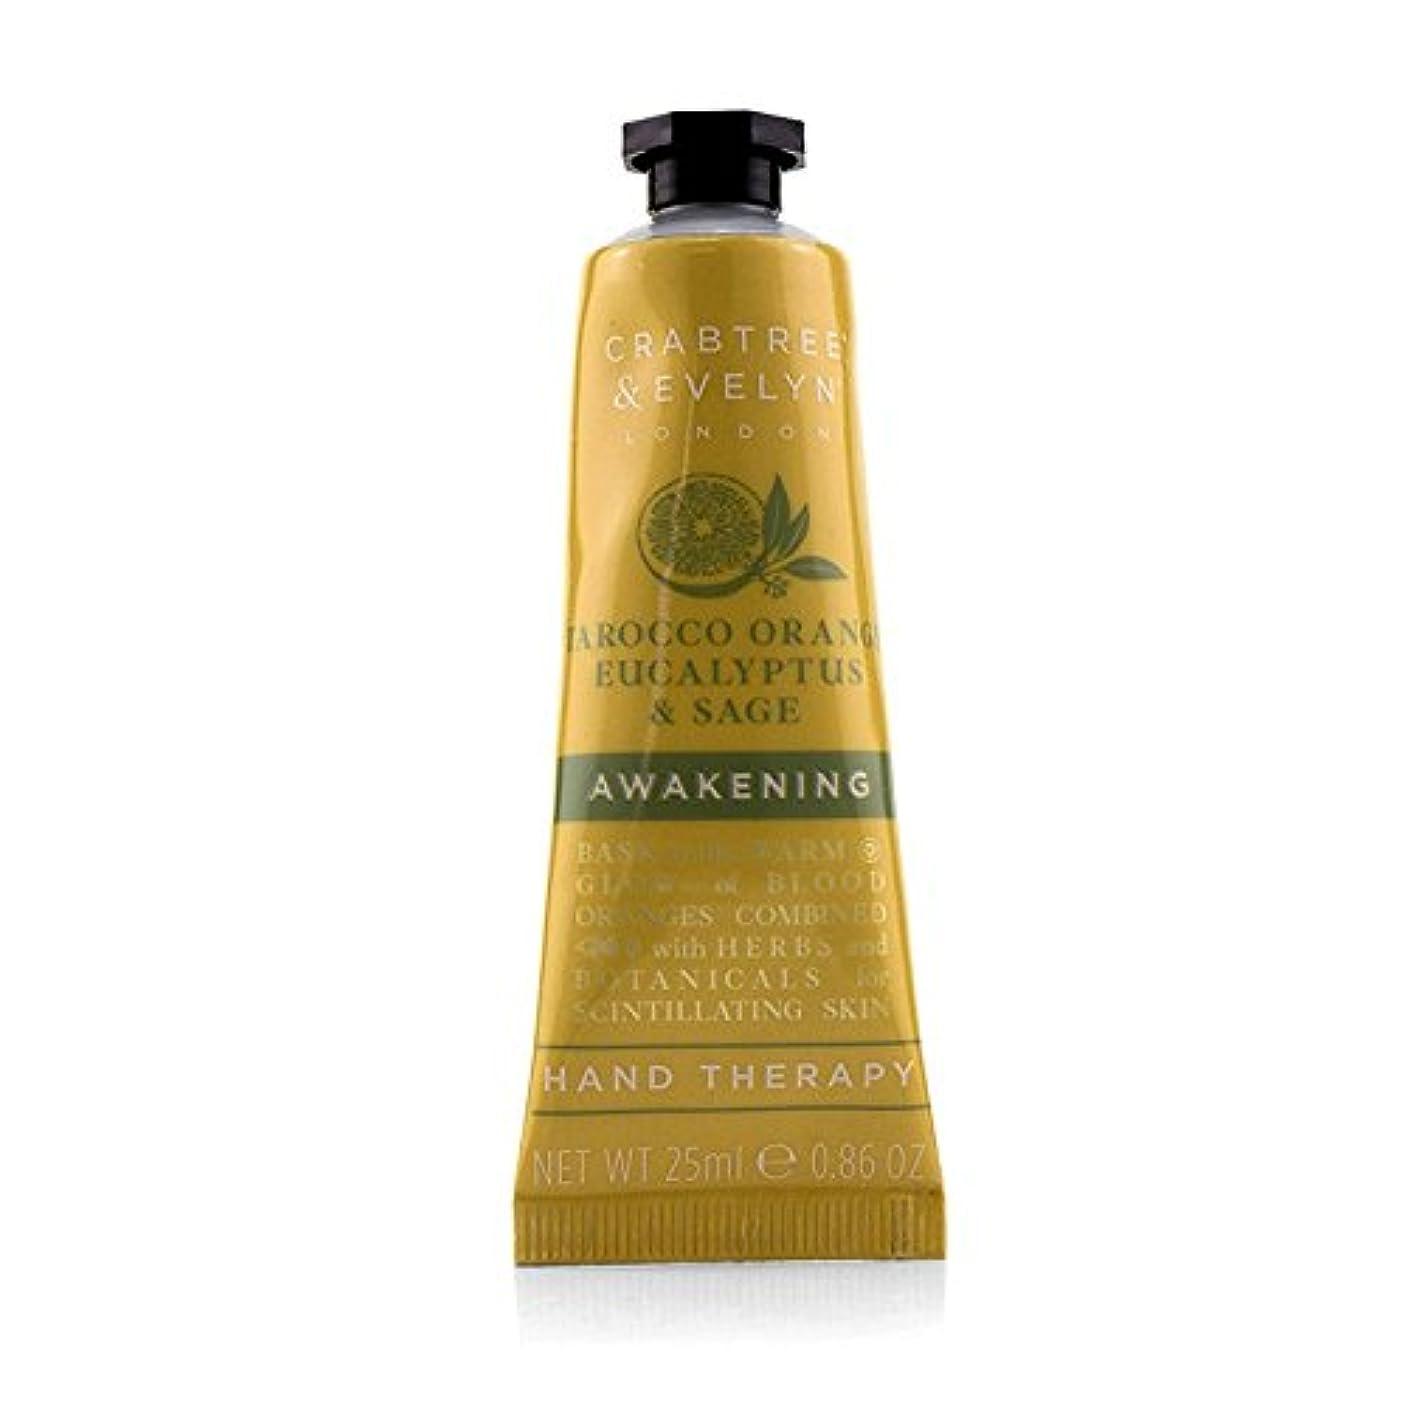 コットン密輸四面体クラブツリー&イヴリン Tarocco Orange Eucalyptus & Sage Awakening Hand Therapy 25ml/0.86oz並行輸入品